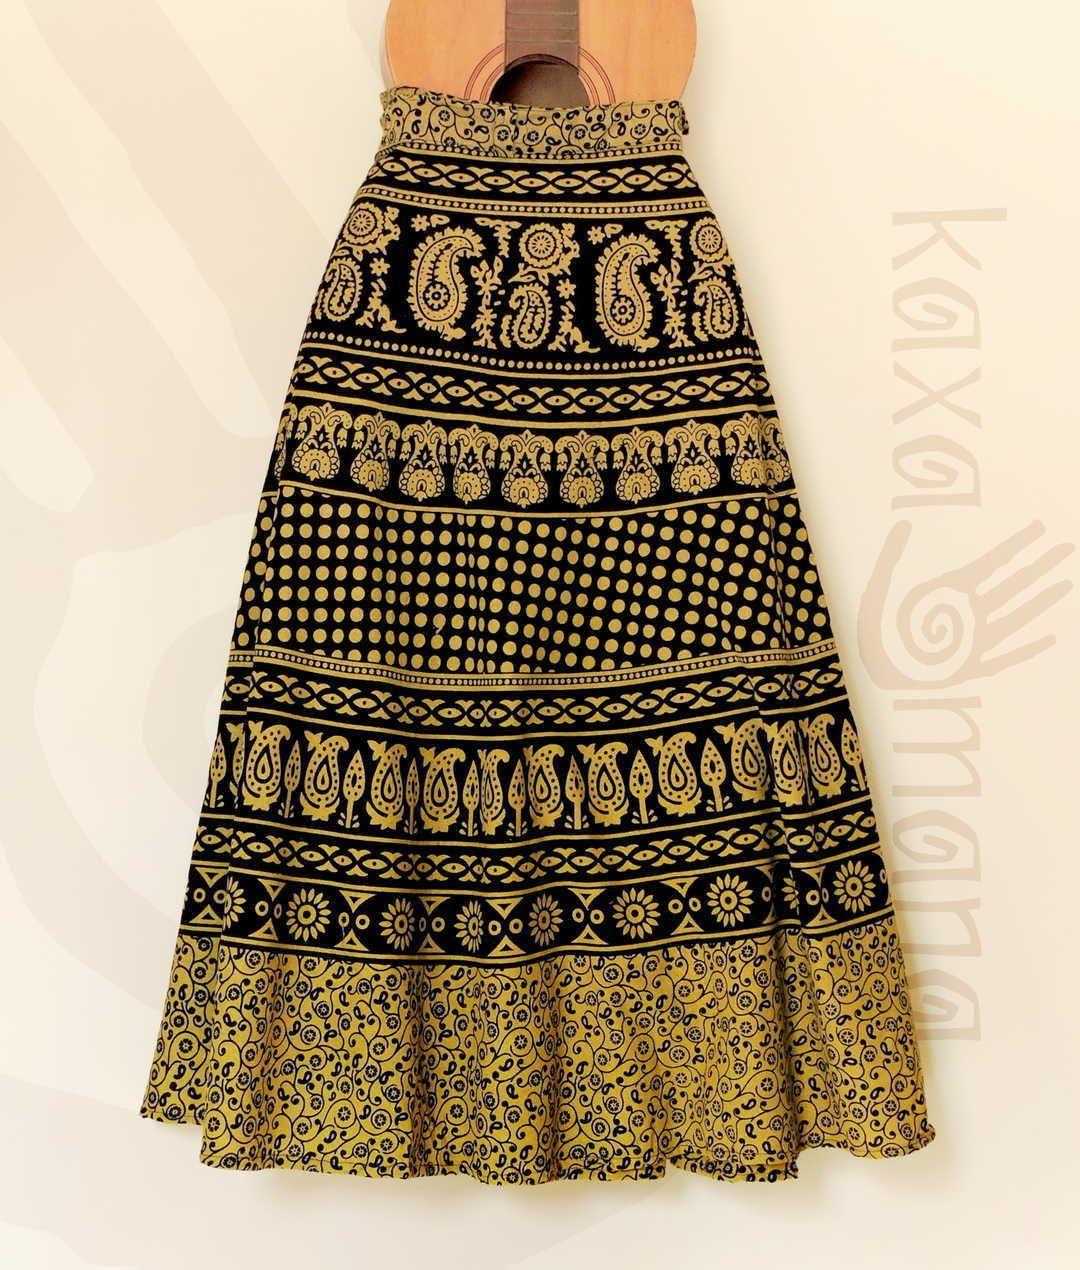 b12a1532ee Saia envelope indiana artesanal. Tamanho único que se adapta perfeitamente  ao corpo. Em algodão